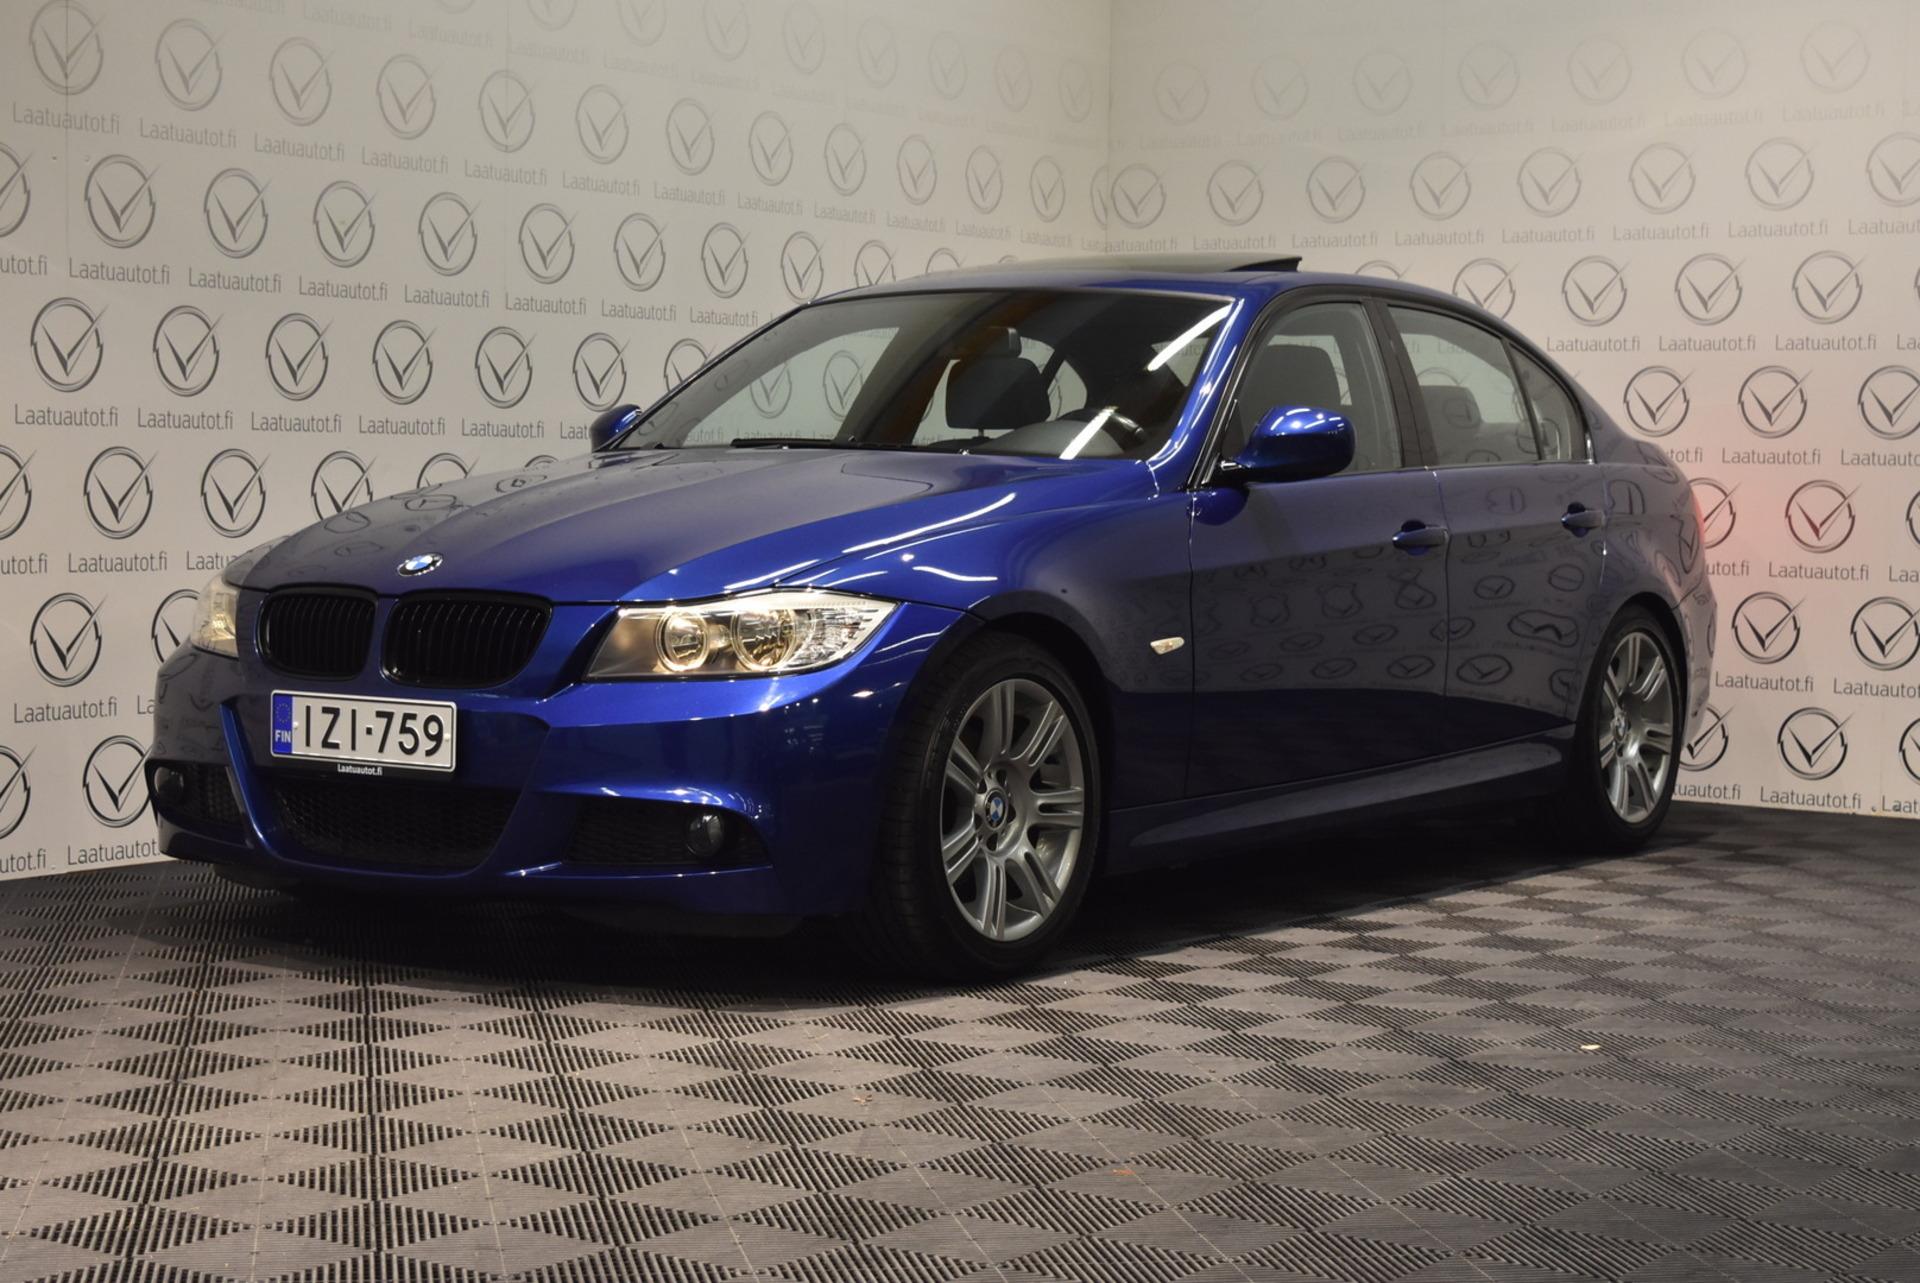 BMW 318 E90 Sedan M-Sport - Rahoitus 1.89% jopa ilman käsirahaa! Sportpenkit,  PDC,  AutoAc,  Kattoluukku